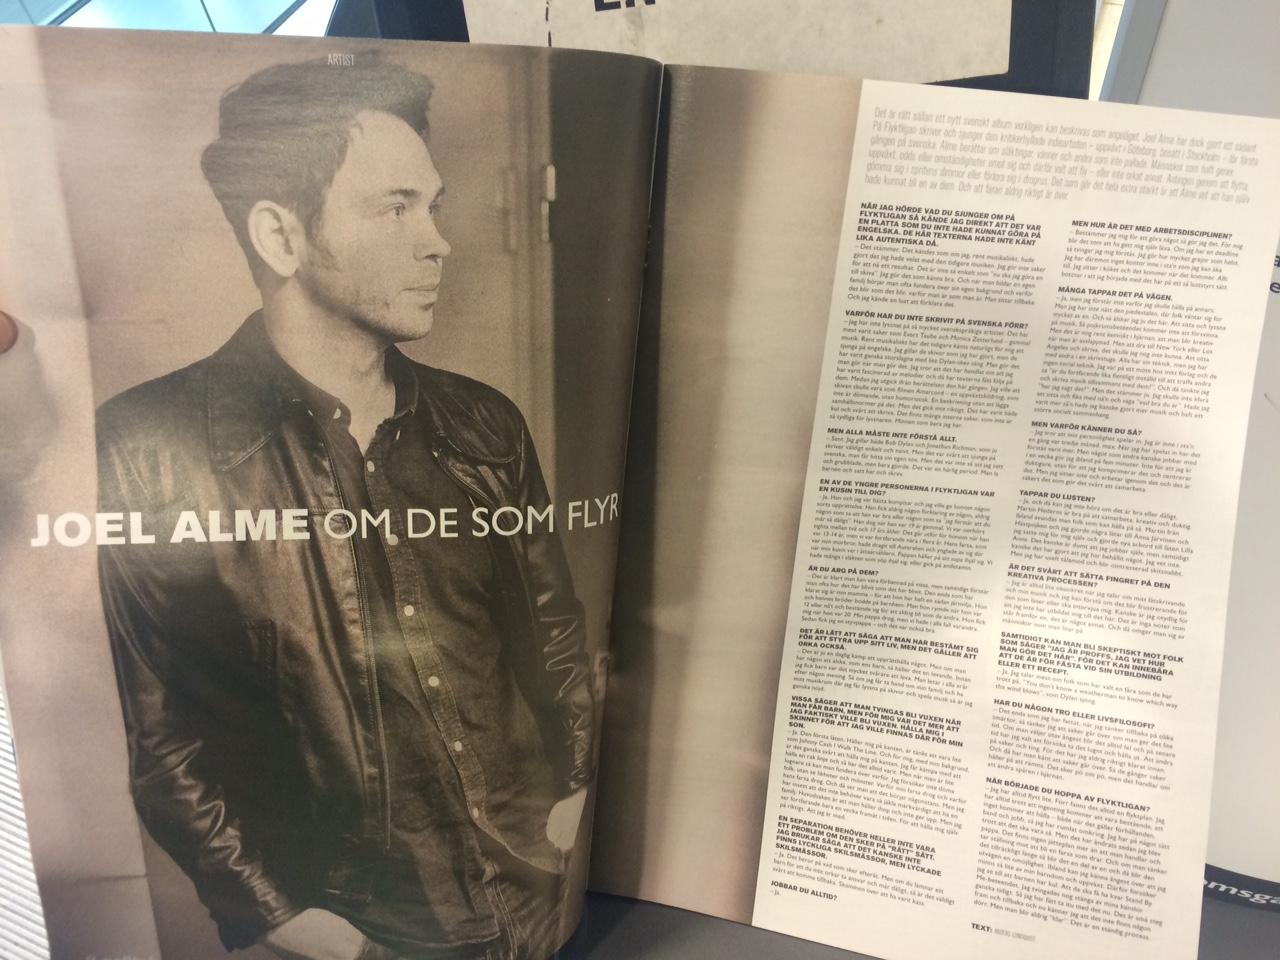 Joel Alme Nolltvå intervju 2015.jpg